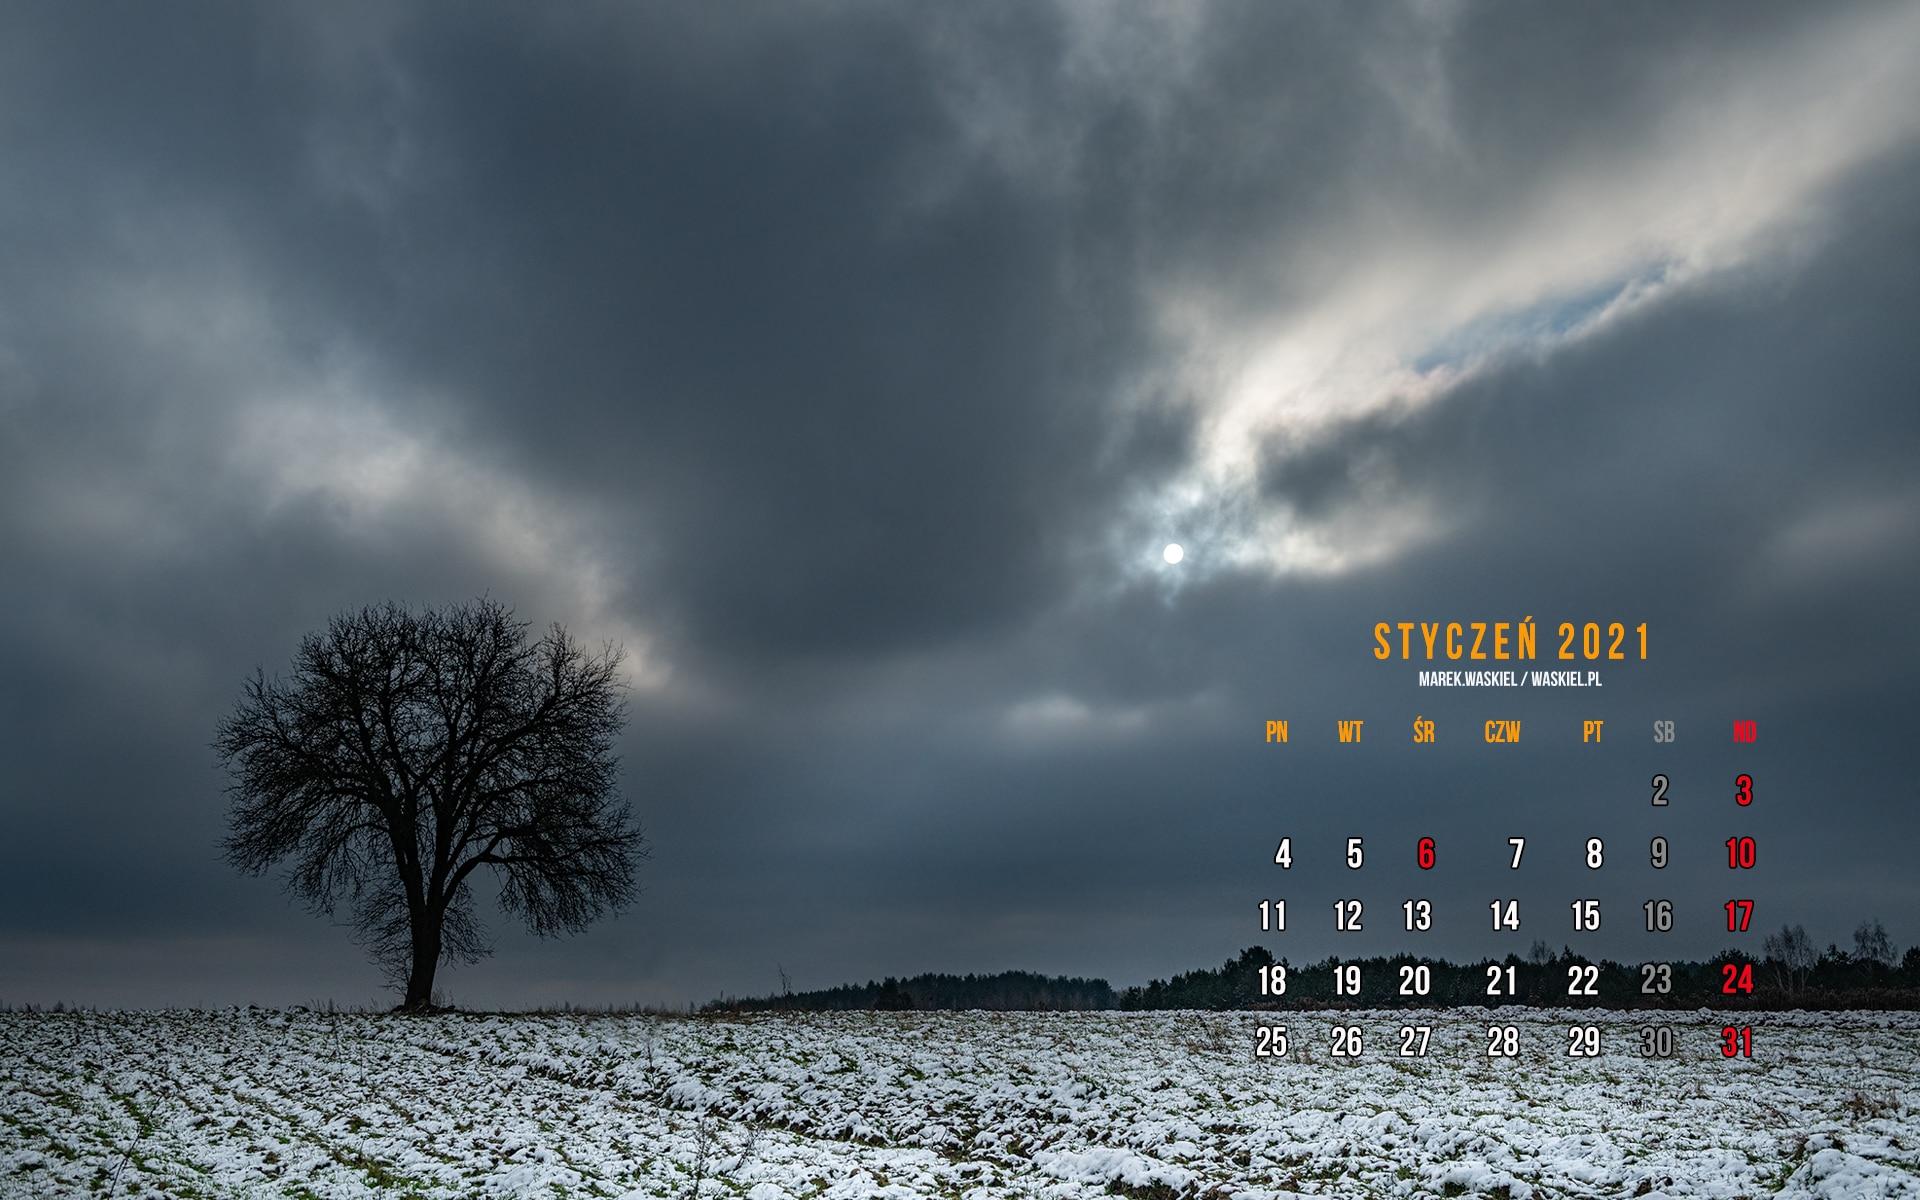 Obraz przedstawiający kalendarz fotograficzny na pulpit komputera styczeń 2021.